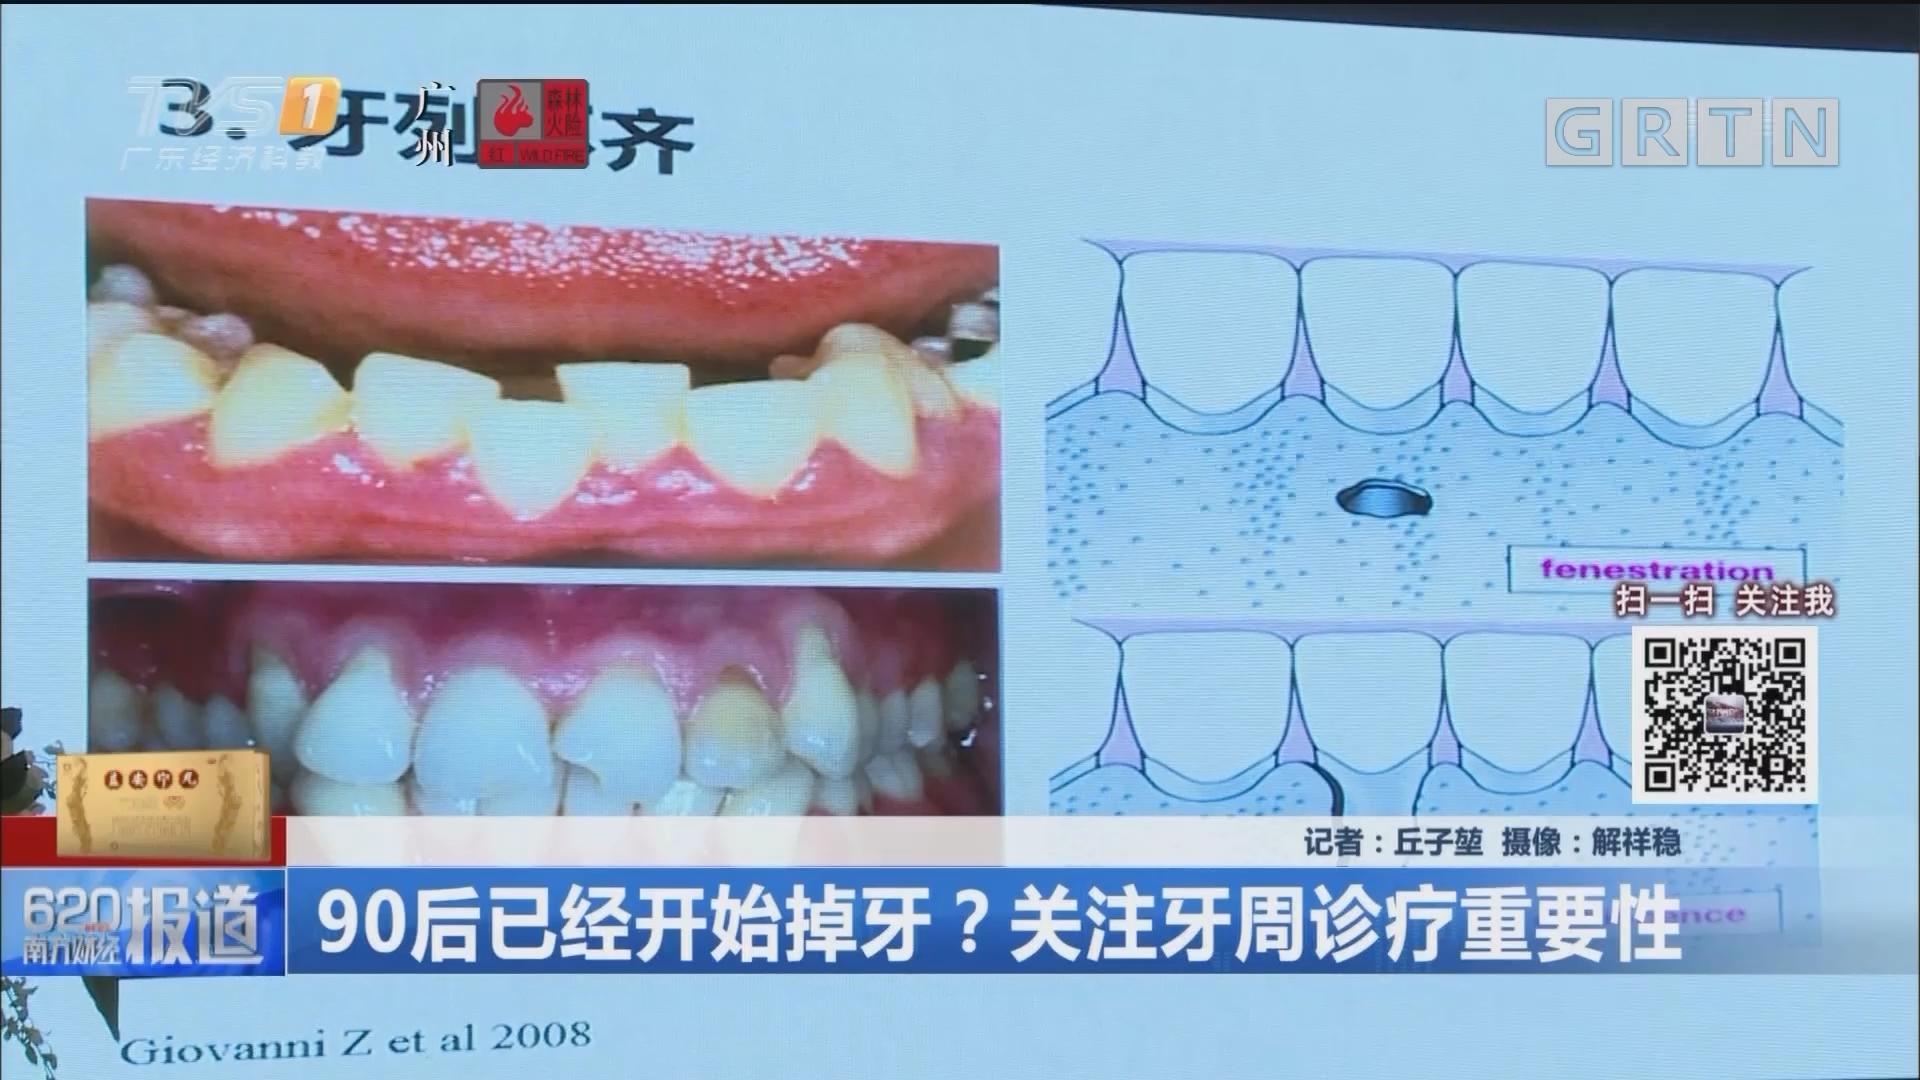 90后已经开始掉牙?关注牙周诊疗重要性